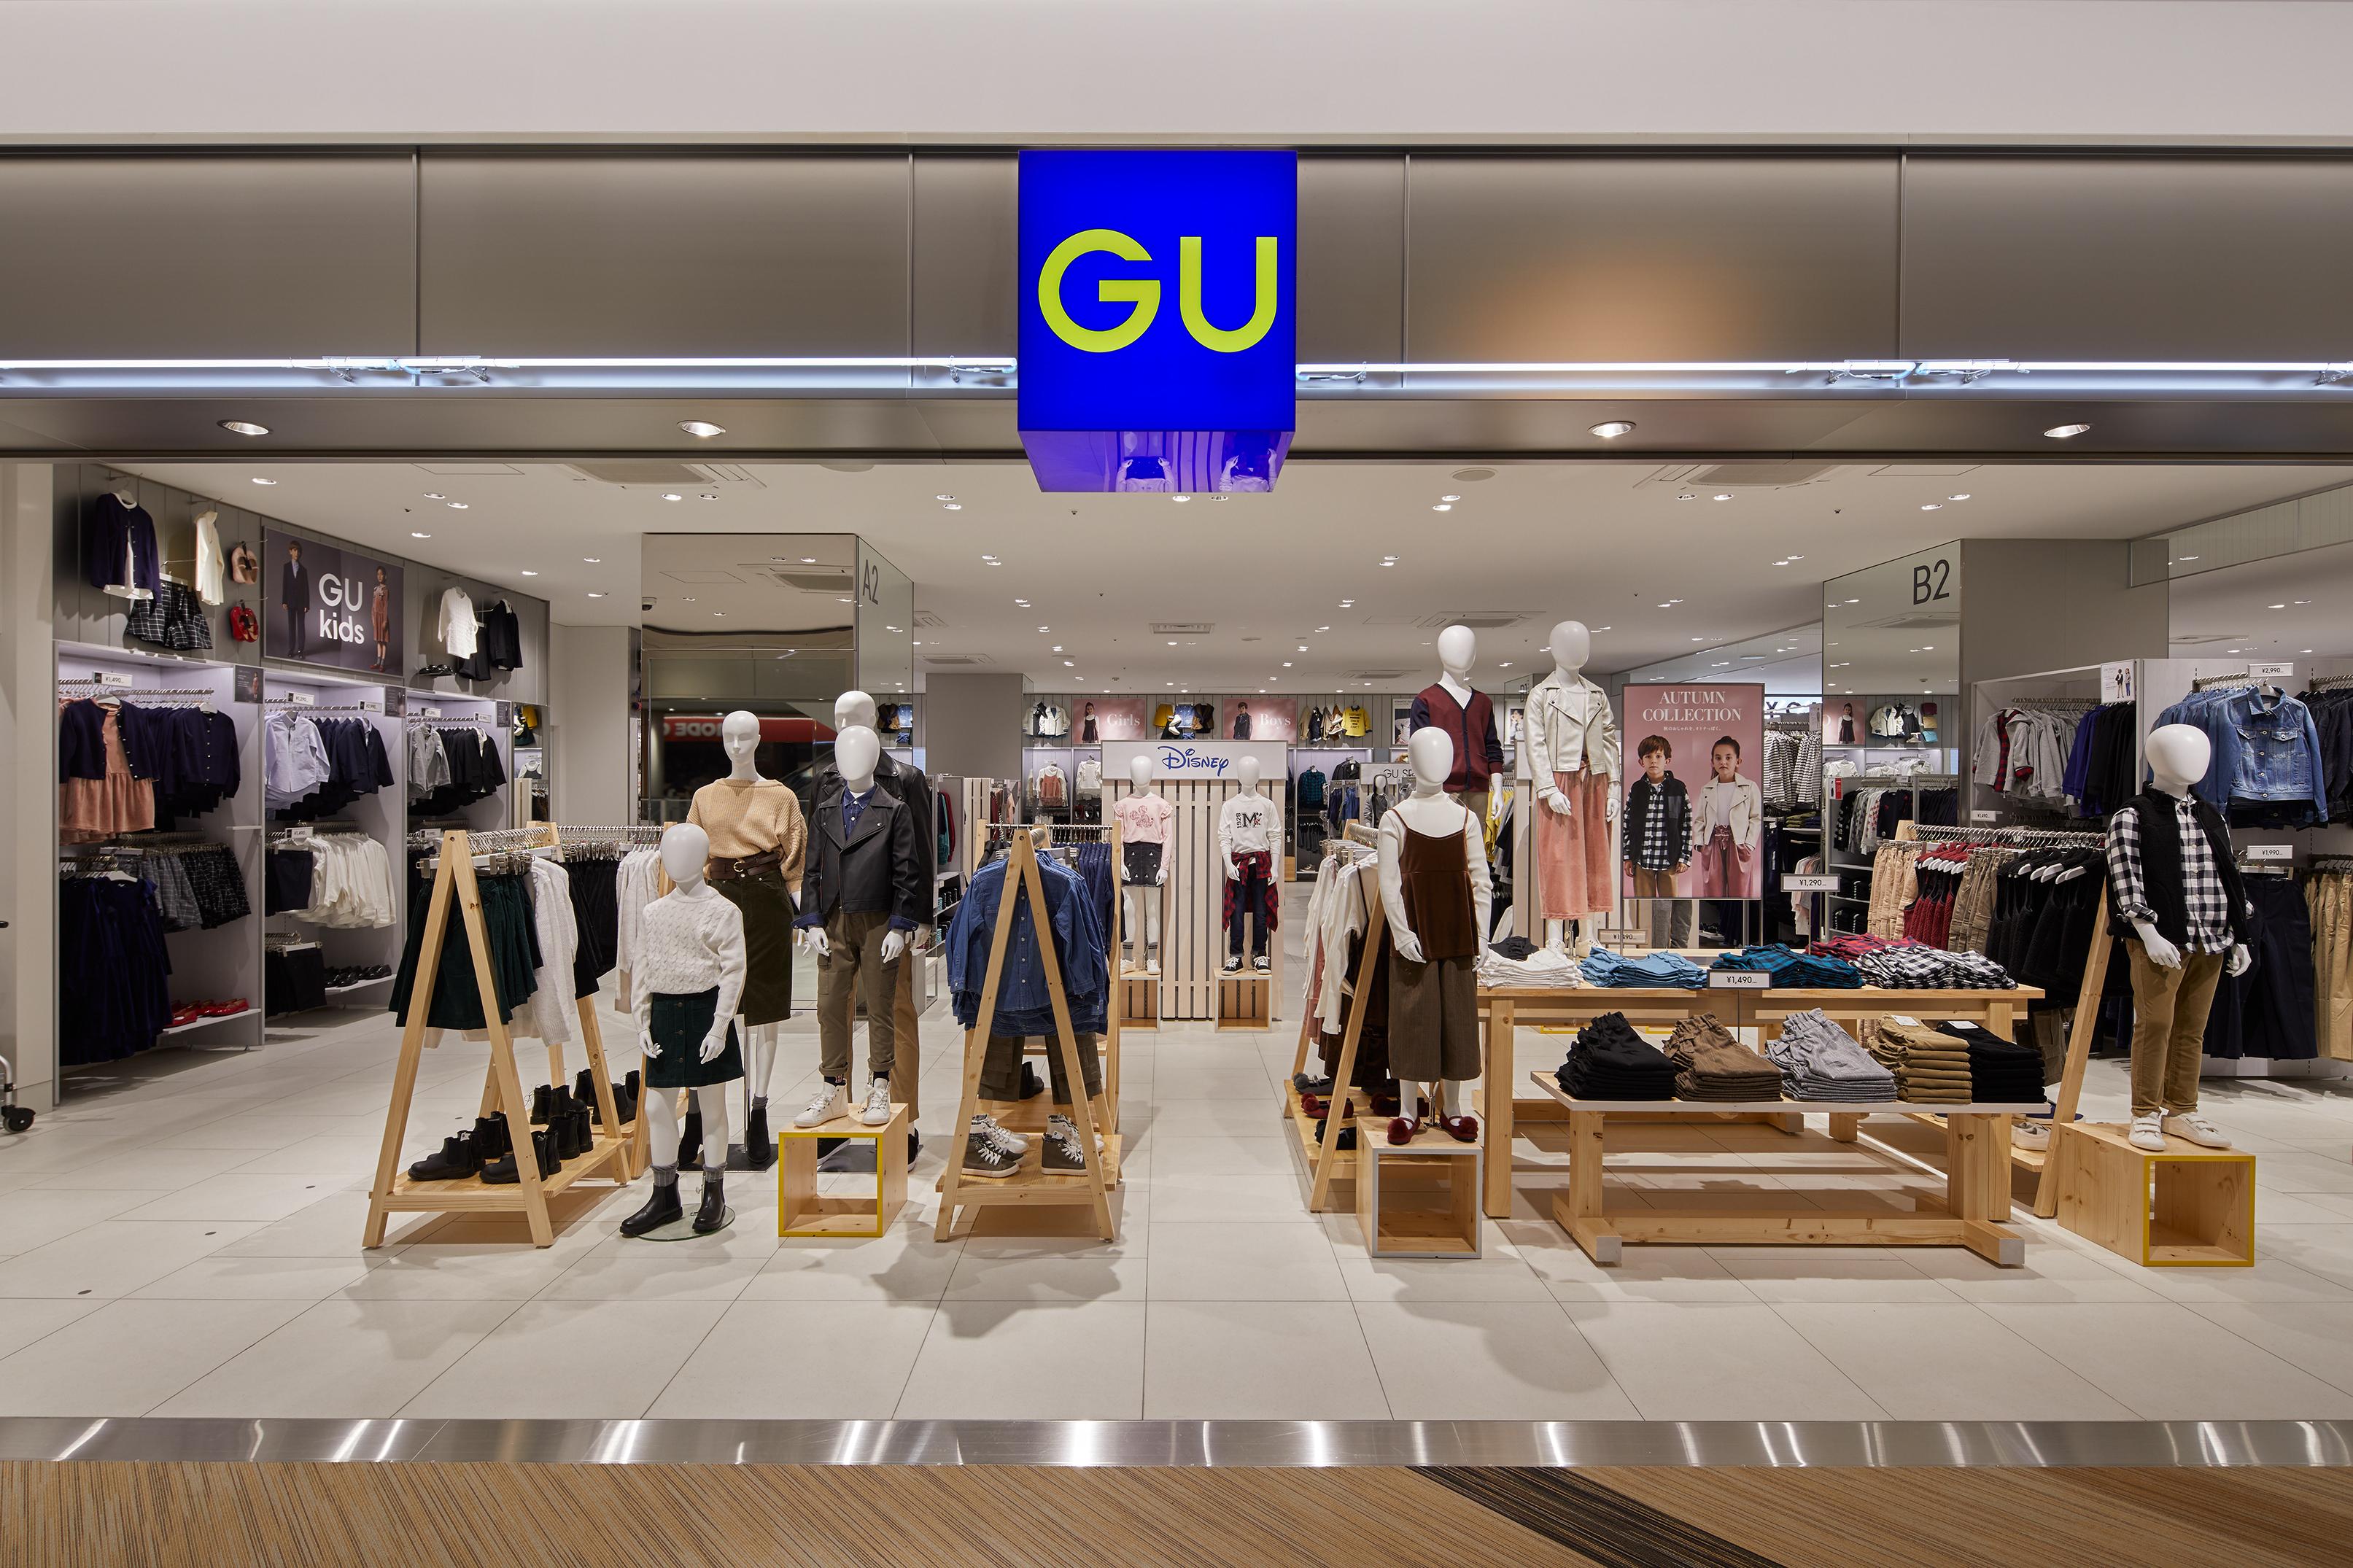 「gu」の画像検索結果